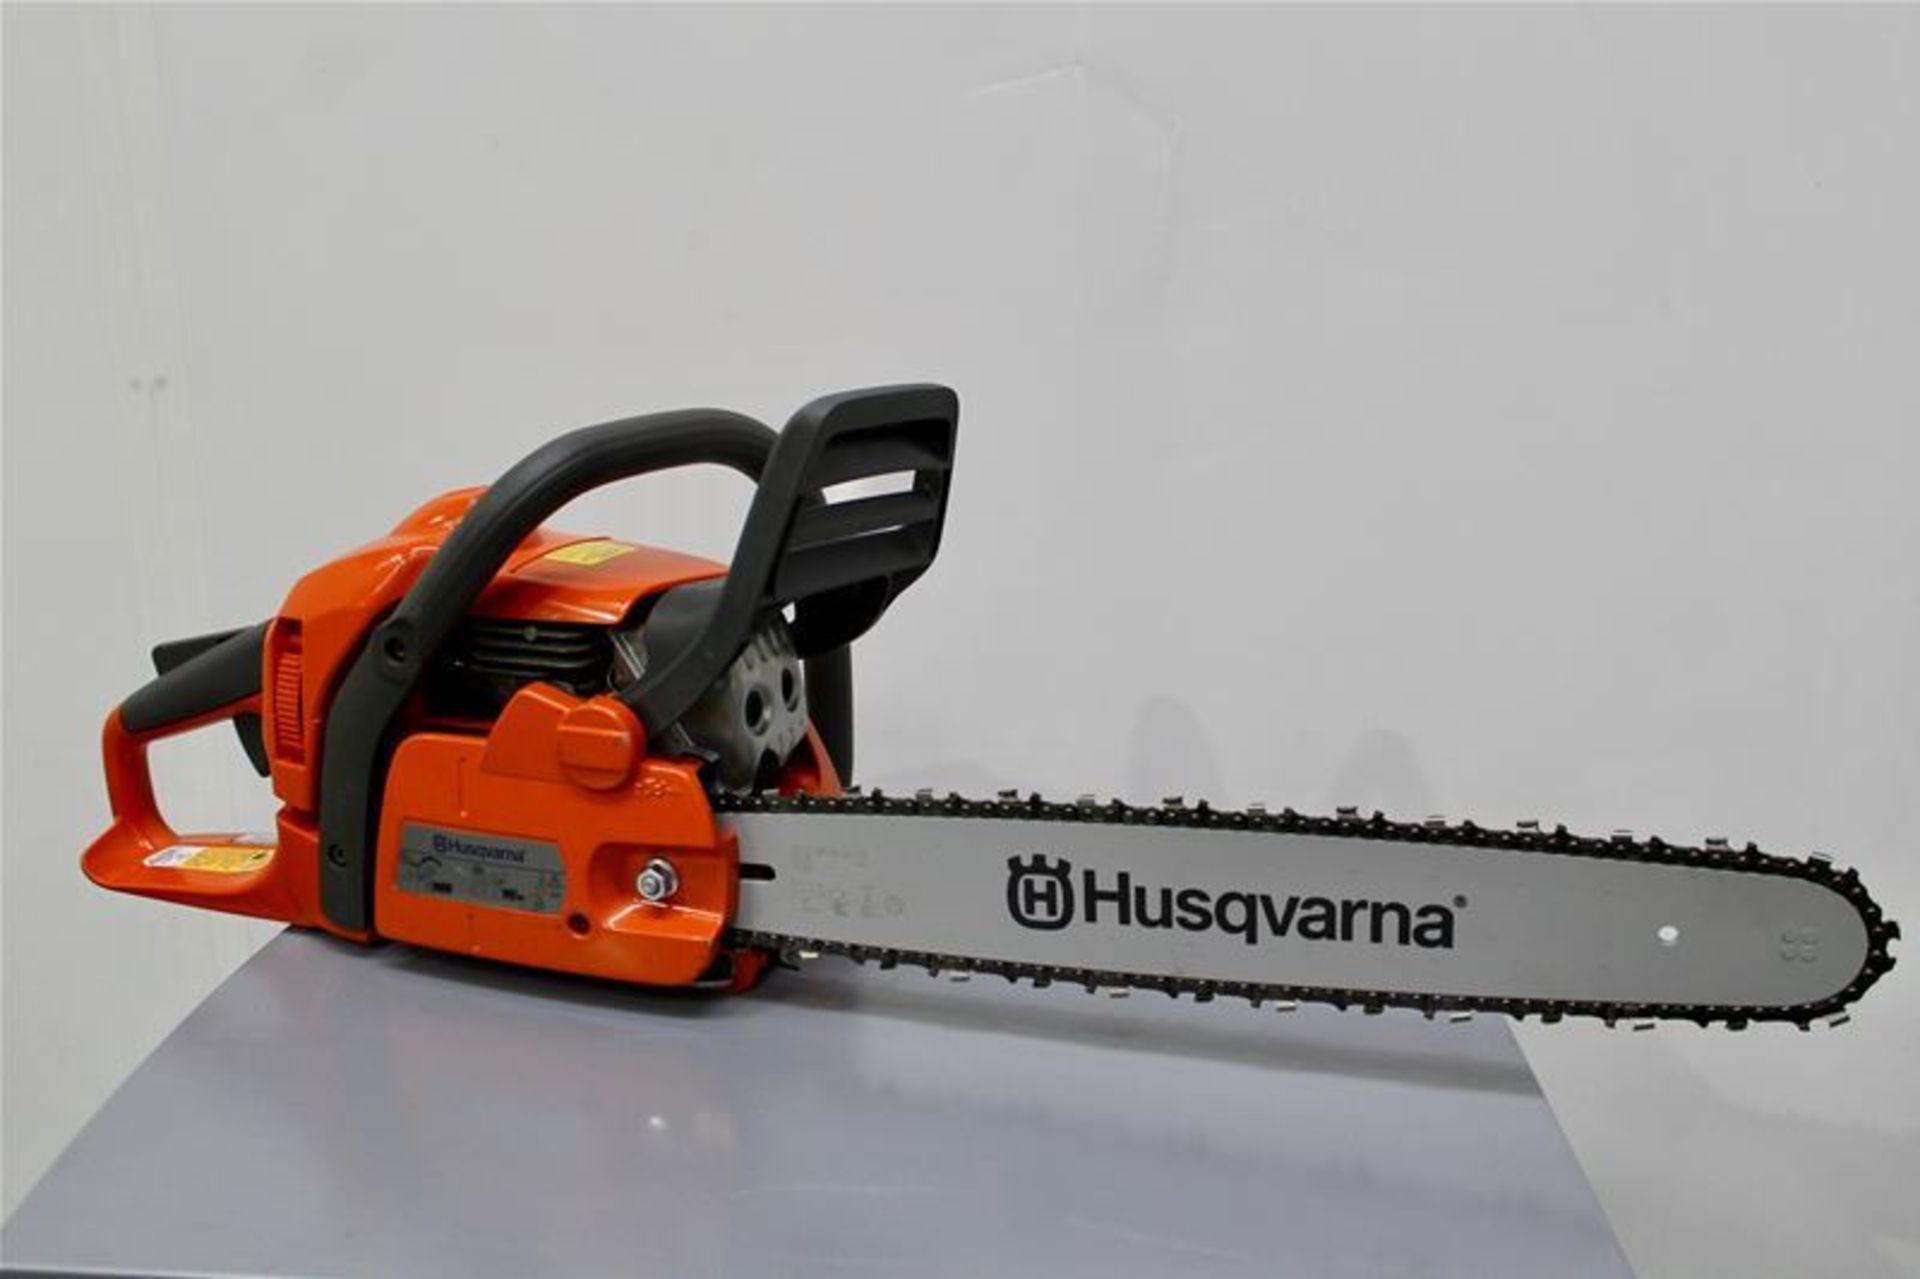 Lot 30 - Husqvarna Petrol Chainsaw 40.9cc 18in Bar